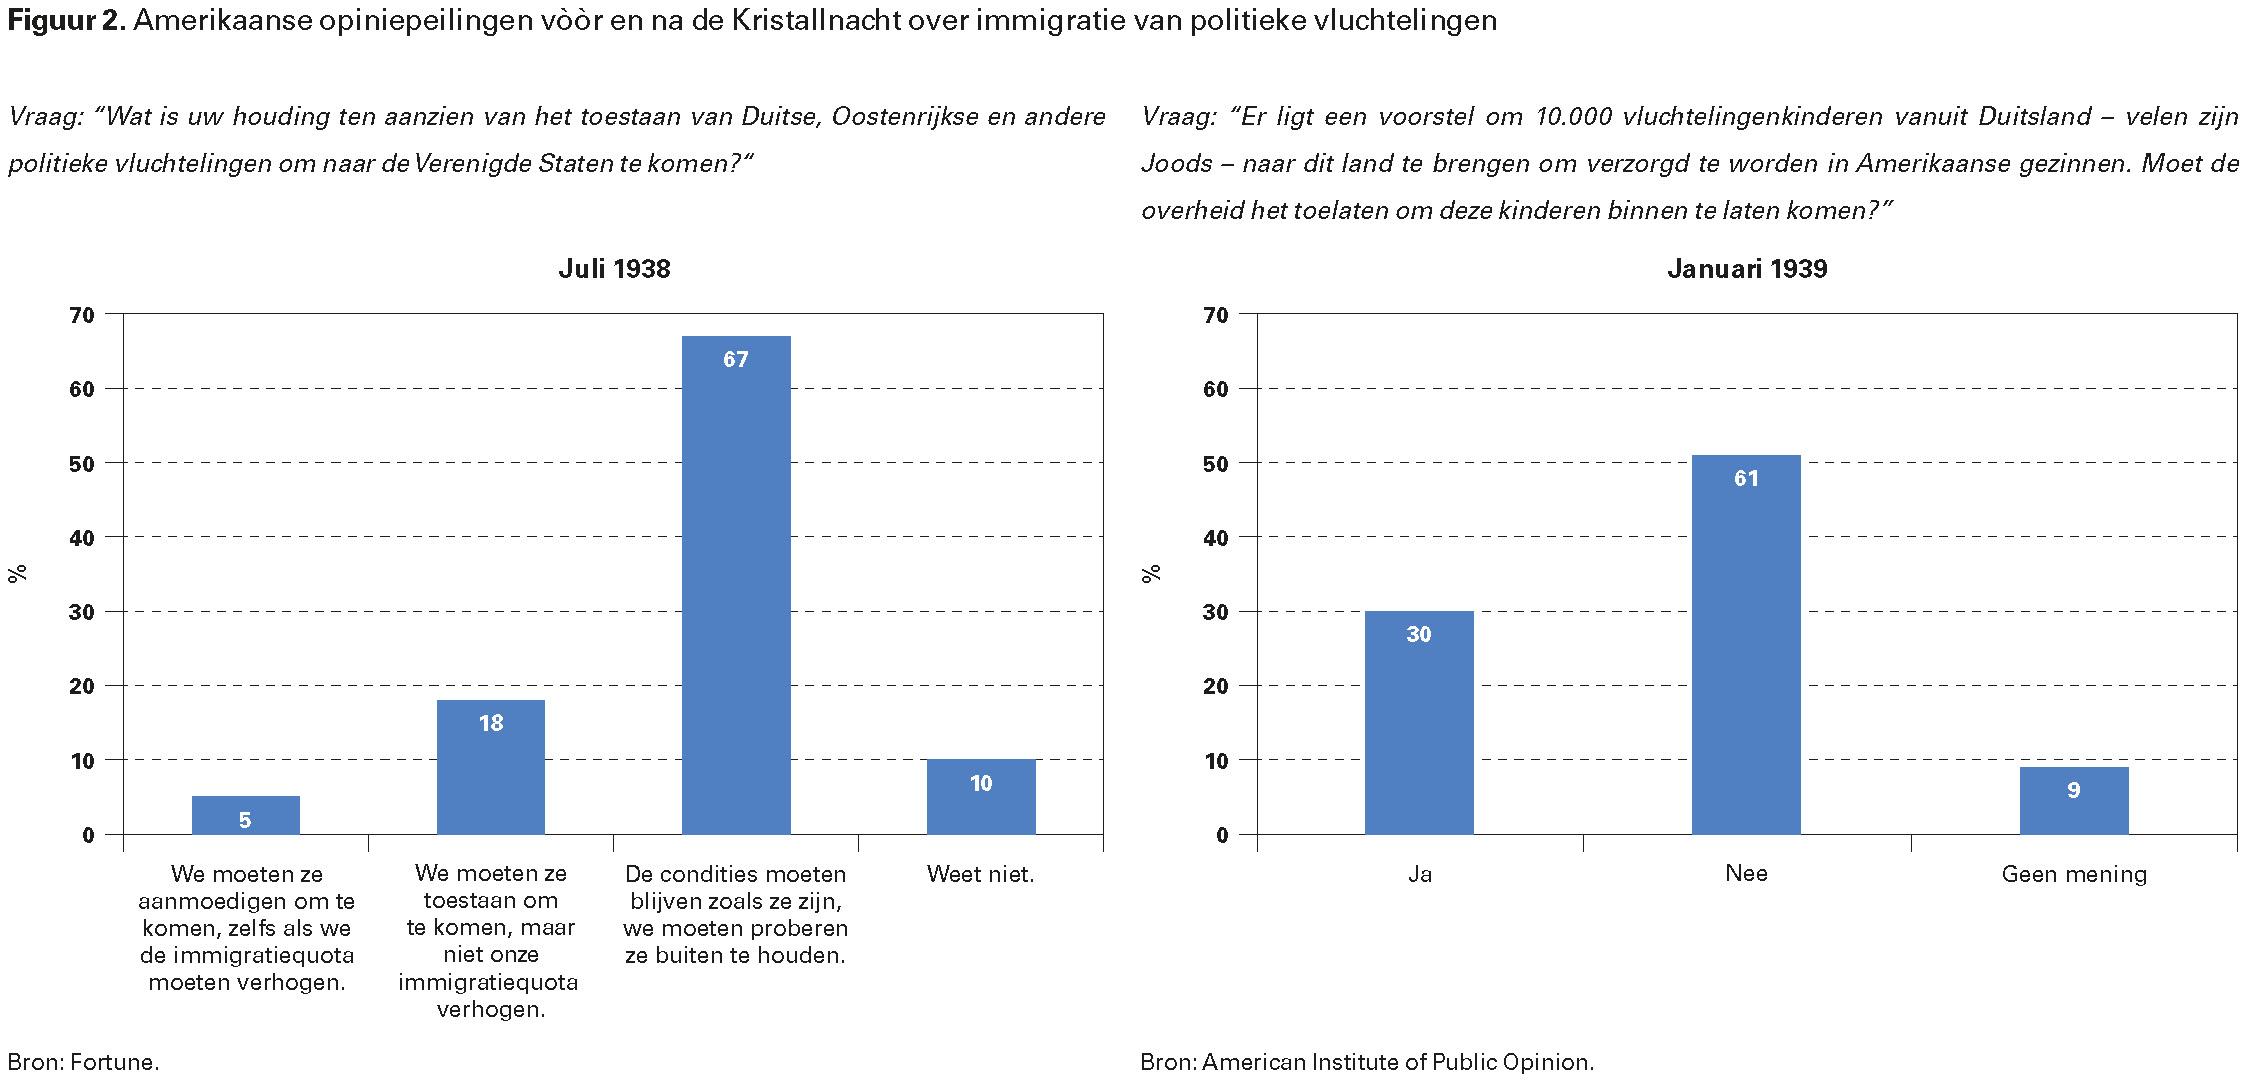 Figuur 2. Amerikaanse opiniepeilingen vòòr en na de Kristallnacht over immigratie van politieke vluchtelingen